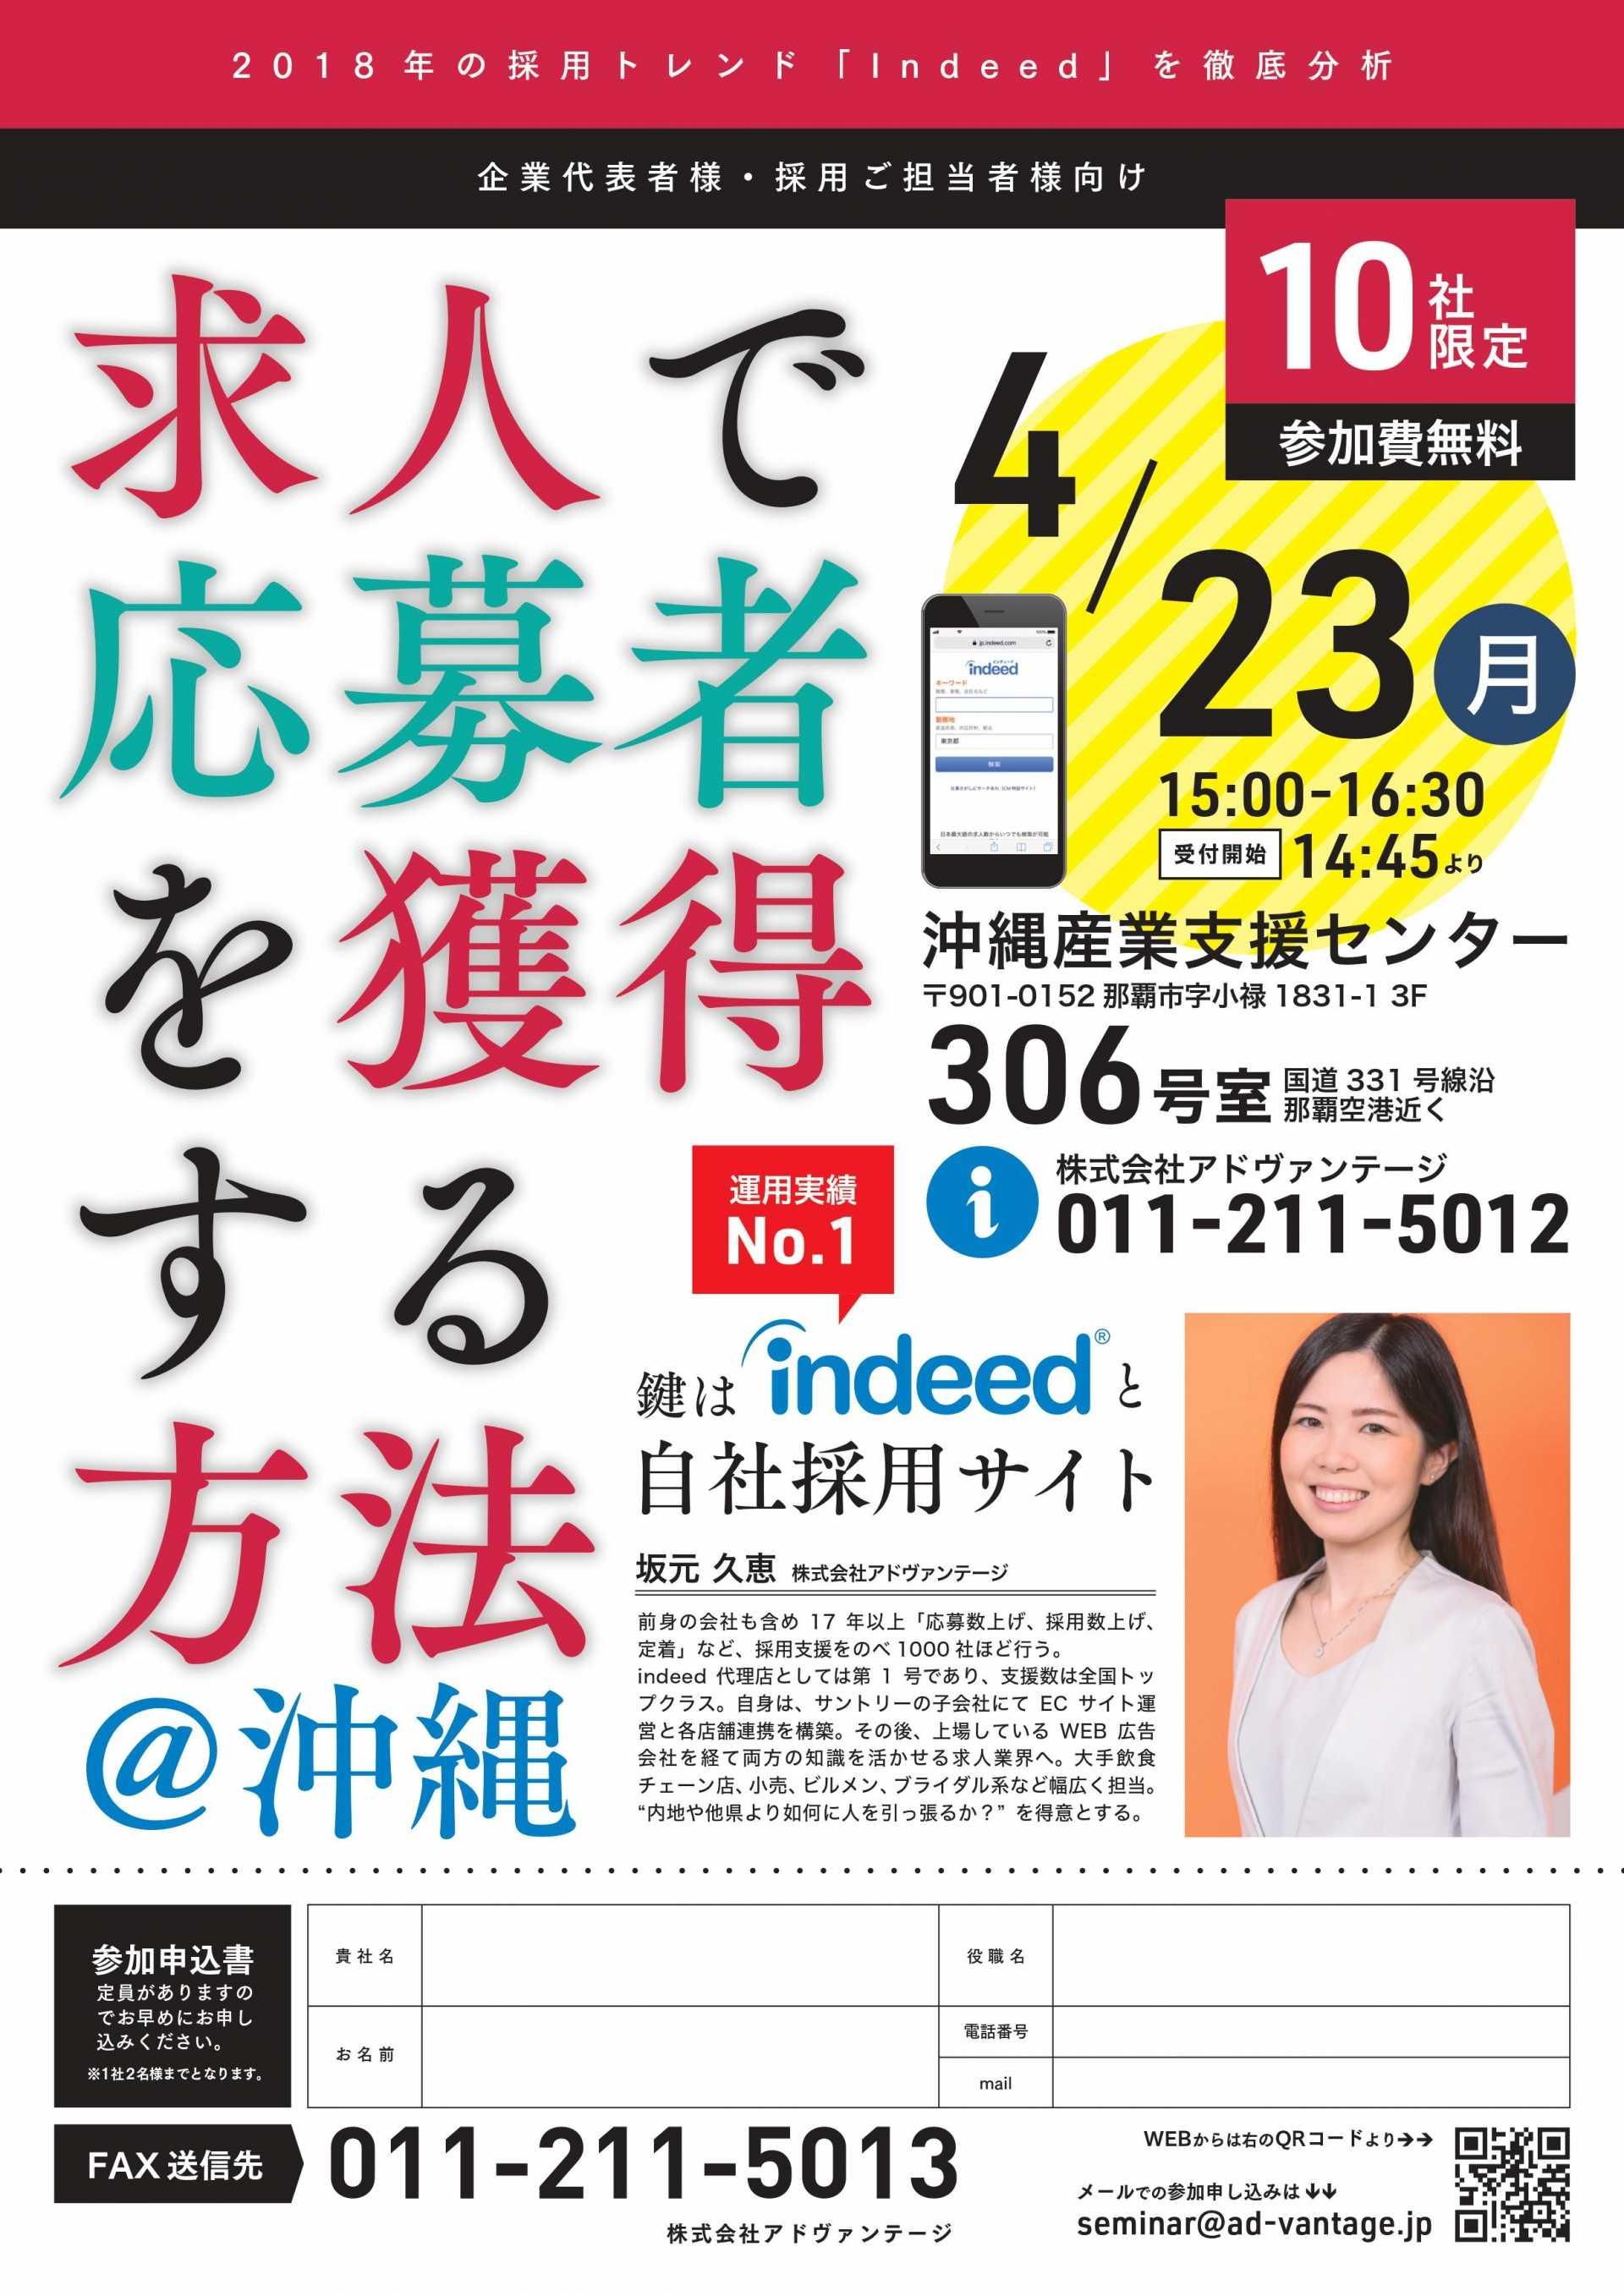 4/23 求人で応募者を獲得する方法@沖縄